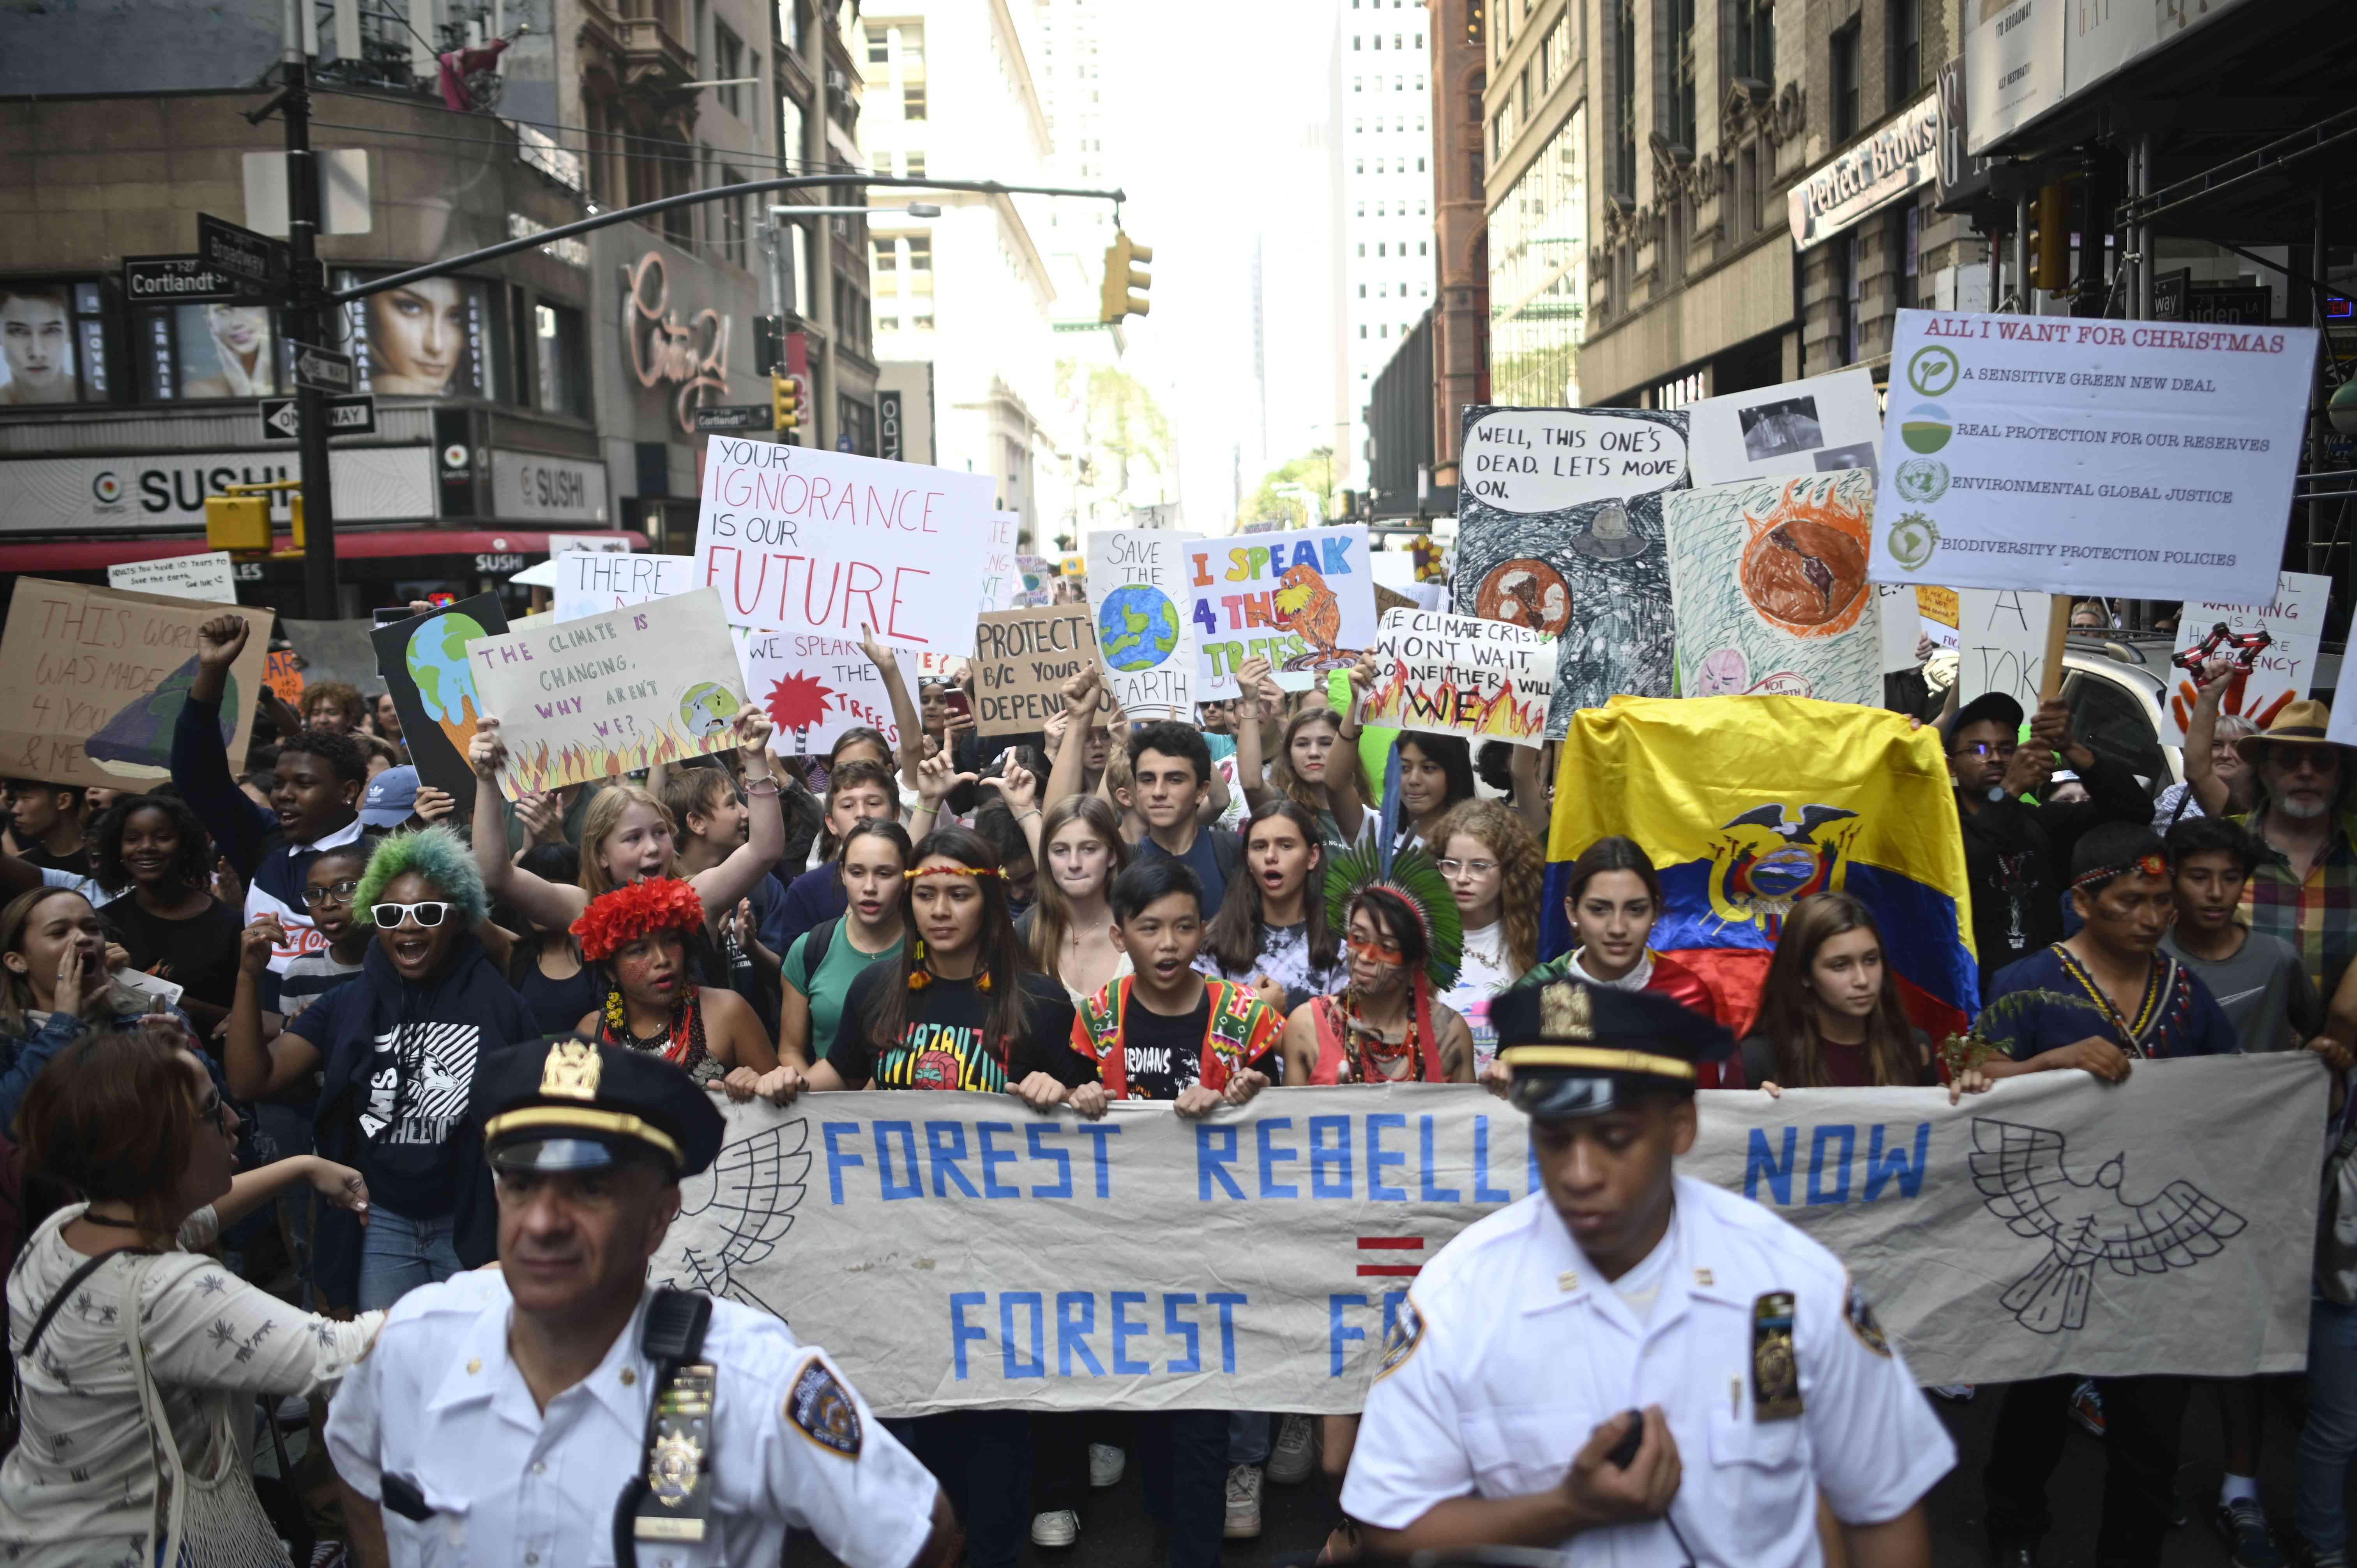 Global Climate Strike protestors in September 2019